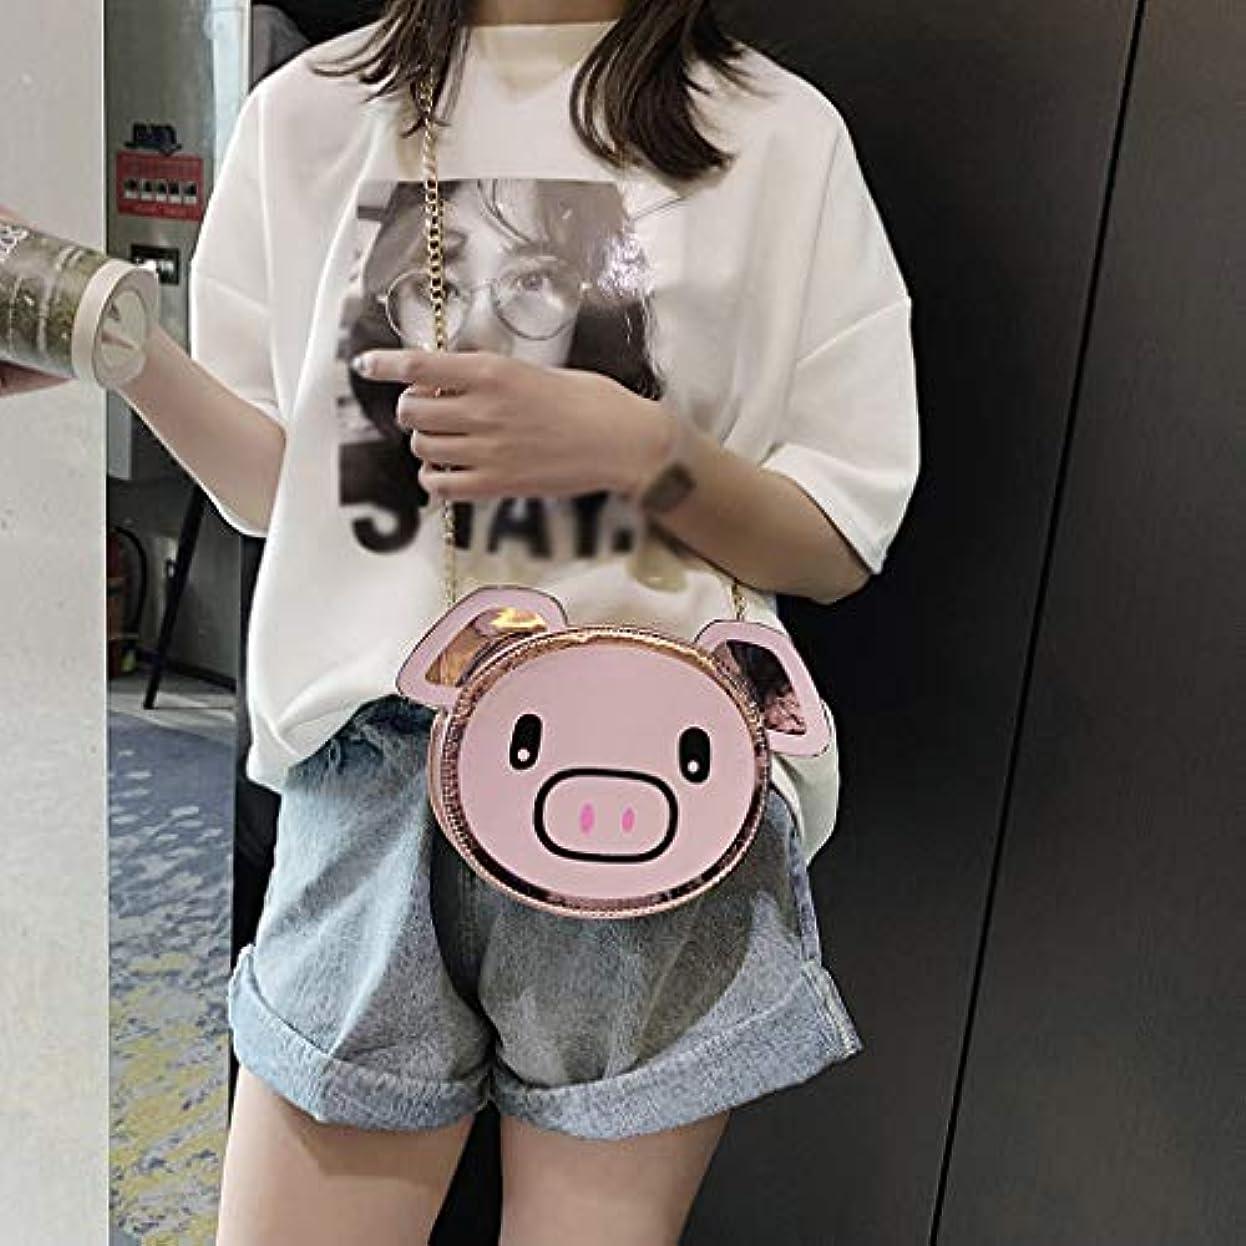 仲人め言葉卑しいファッション女の子革チェーン野生のかわいい漫画豚肩メッセンジャーバッグ、女の子チェーン野生のかわいい豚肩メッセンジャーバッグ (ピンク)